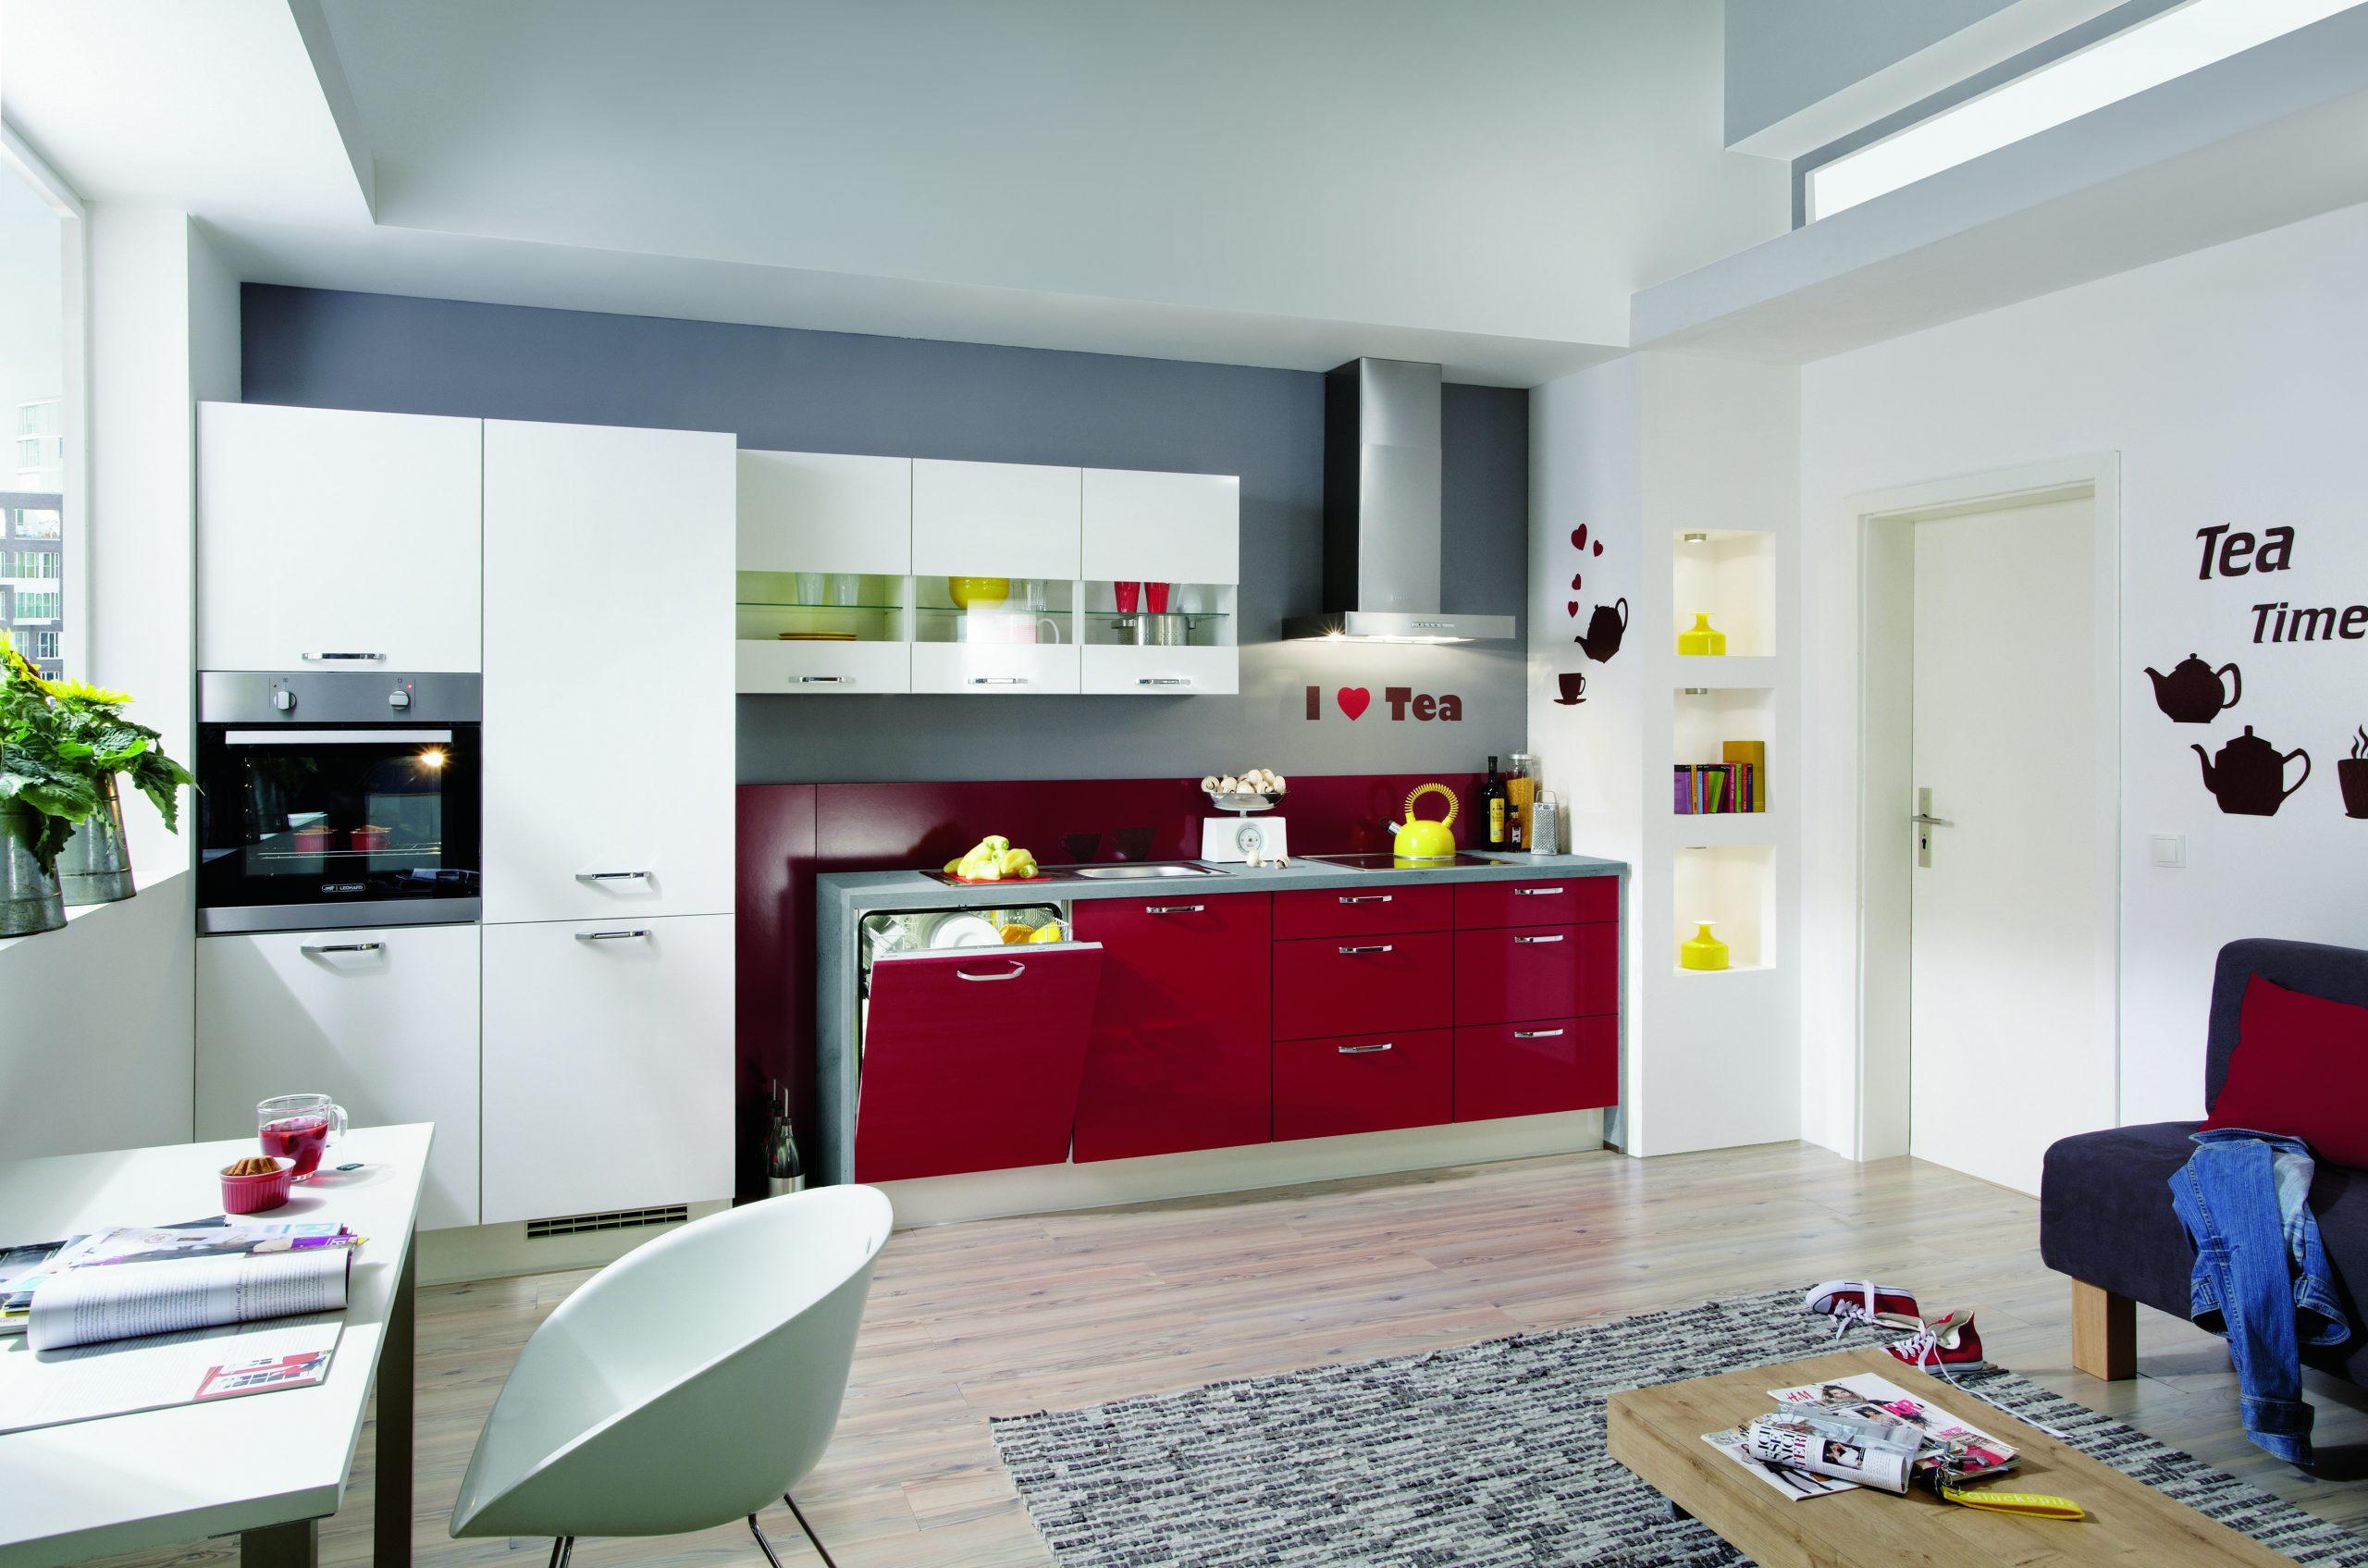 Full Size of Küche Erweitern Kchenrenovierung 7 Tipps Wie Sie Ihre Alte Kche Aufmbeln Hängeschrank Höhe Pendelleuchte Lüftungsgitter Eckunterschrank Sitzbank Mit Lehne Küche Küche Erweitern